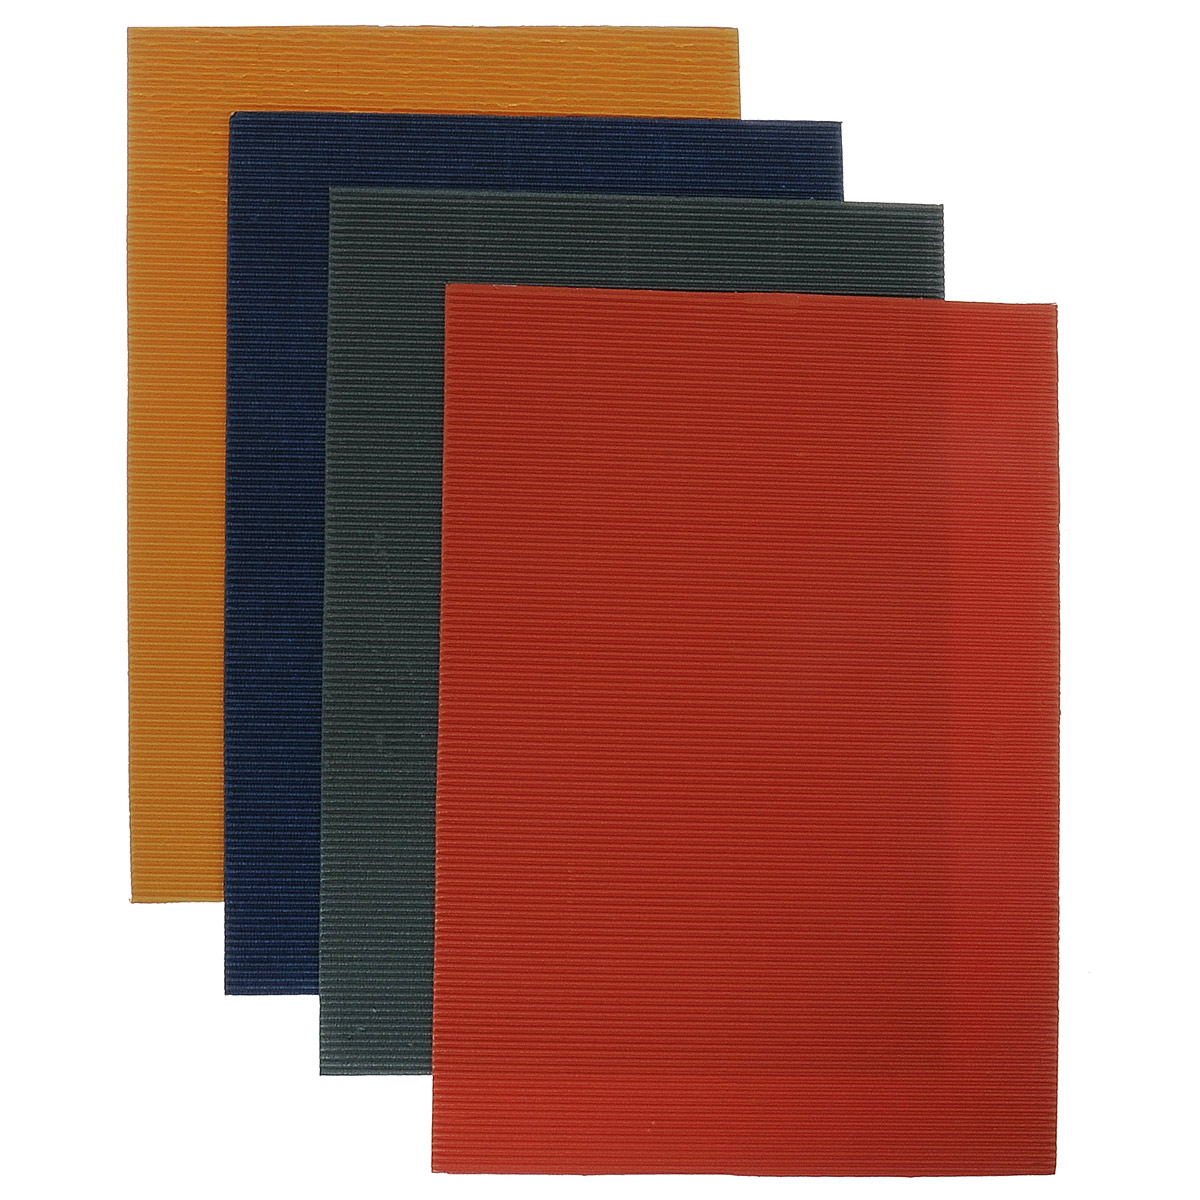 Набор цветного гофрированного картона Бриз, перламутровый, 4 листа. 1126-50137212Набор гофрированного цветного картона Бриз отлично подойдет для создания эффектных и фактурных объемных панно. Набор состоит из четырех листов формата А4 цветного перламутрового картона: желтого, синего, красного и зеленого цветов. Каждый лист состоит из одного плоского слоя белого цвета и одного гофрированного слоя. Набор упакован в яркую картонную папку. Создание поделок из цветного картона - это увлекательный досуг, который позволяет ребенку развивать творческие способности.